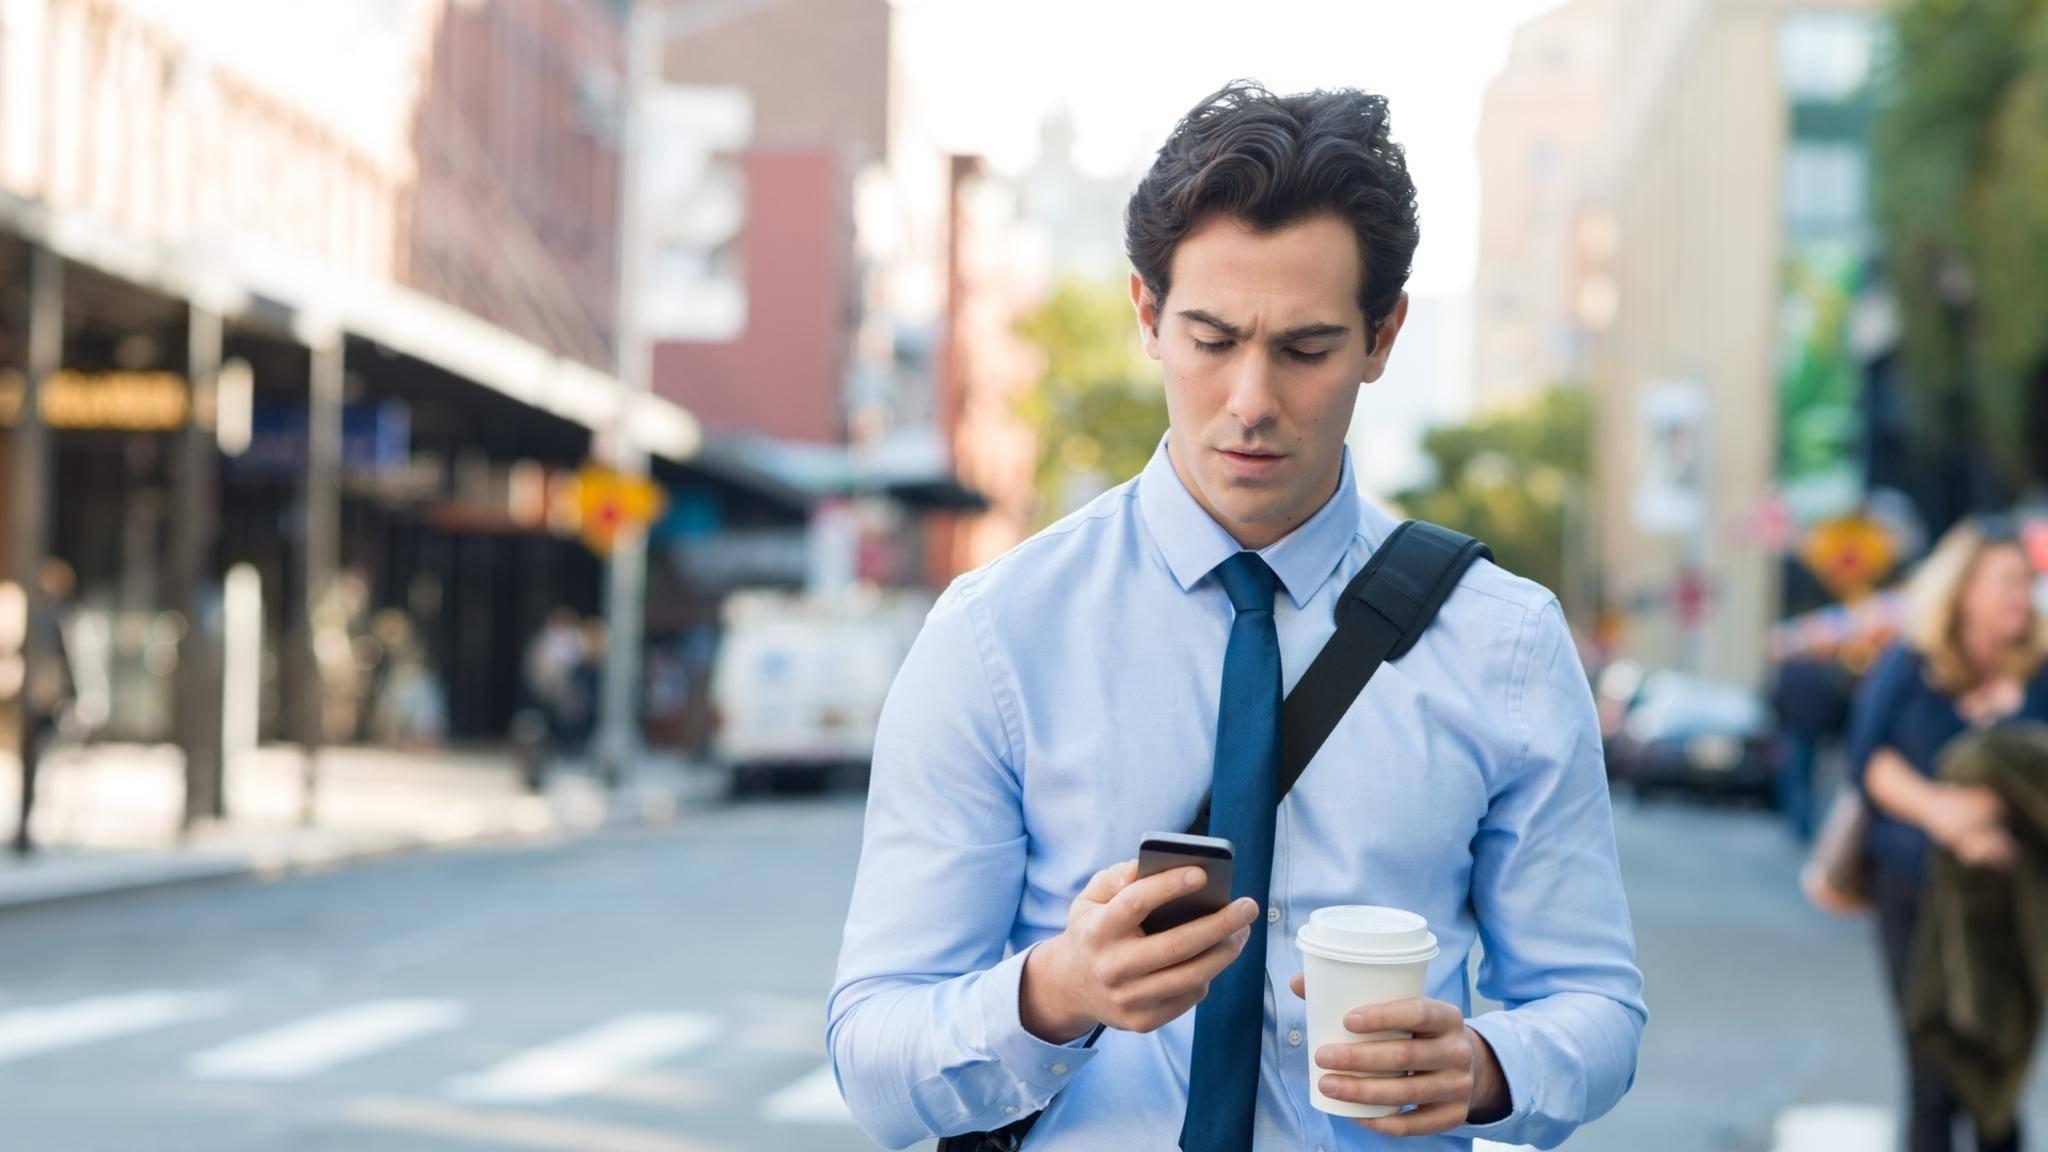 Mobilnetz nicht verfügbar? Die Ursachen können vielfältig sein.